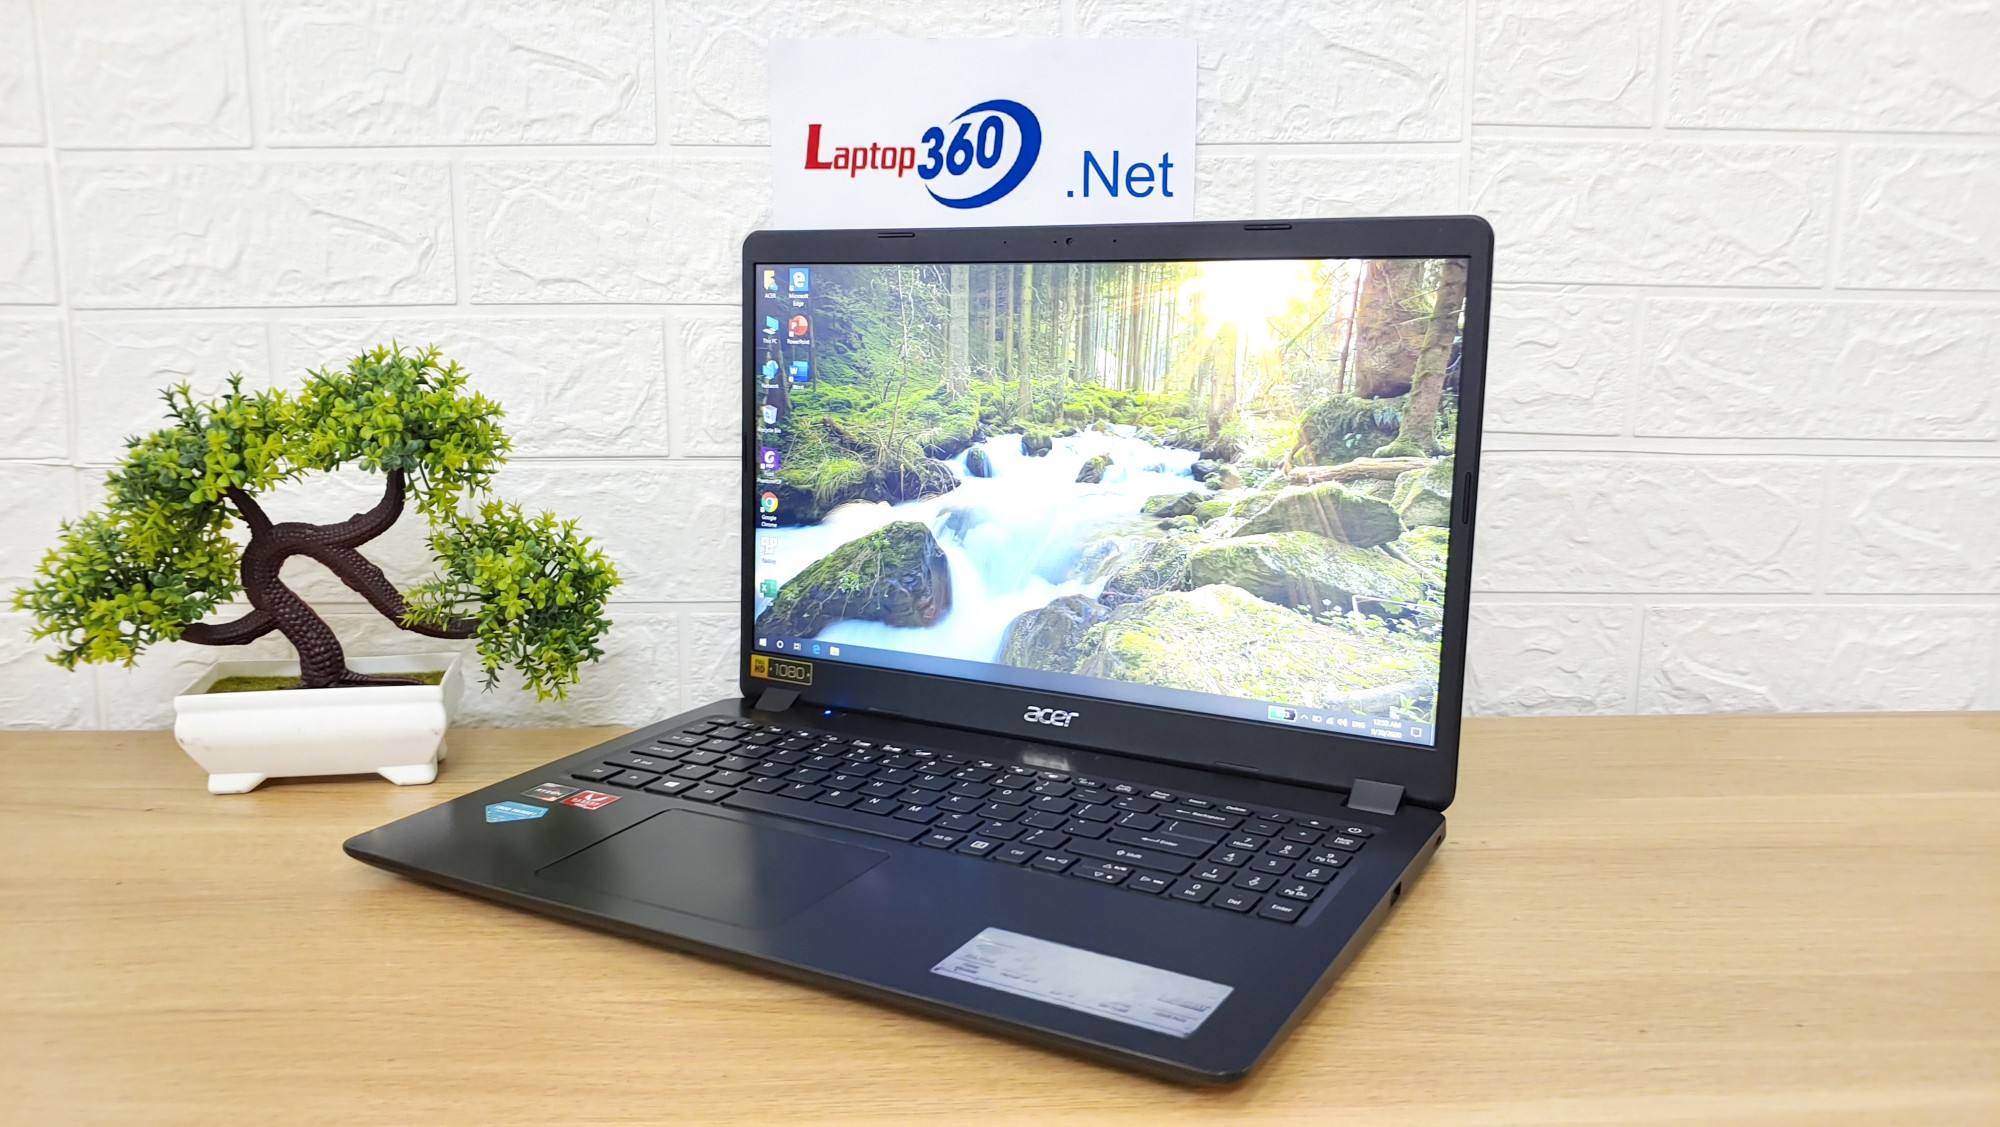 Acer Aspire A315-42